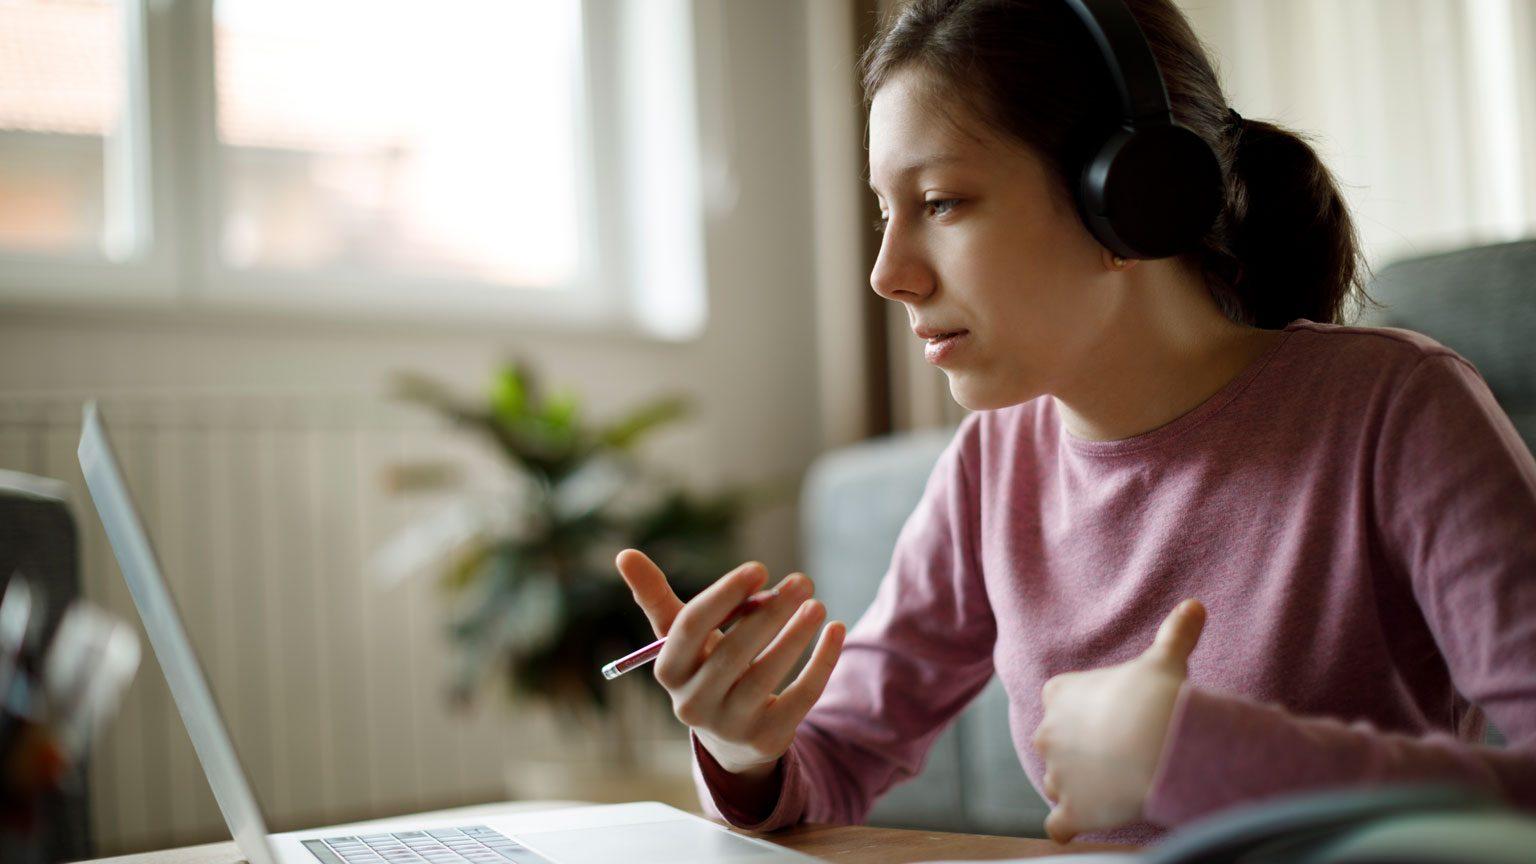 Teenage girl with headphones having online school class at home